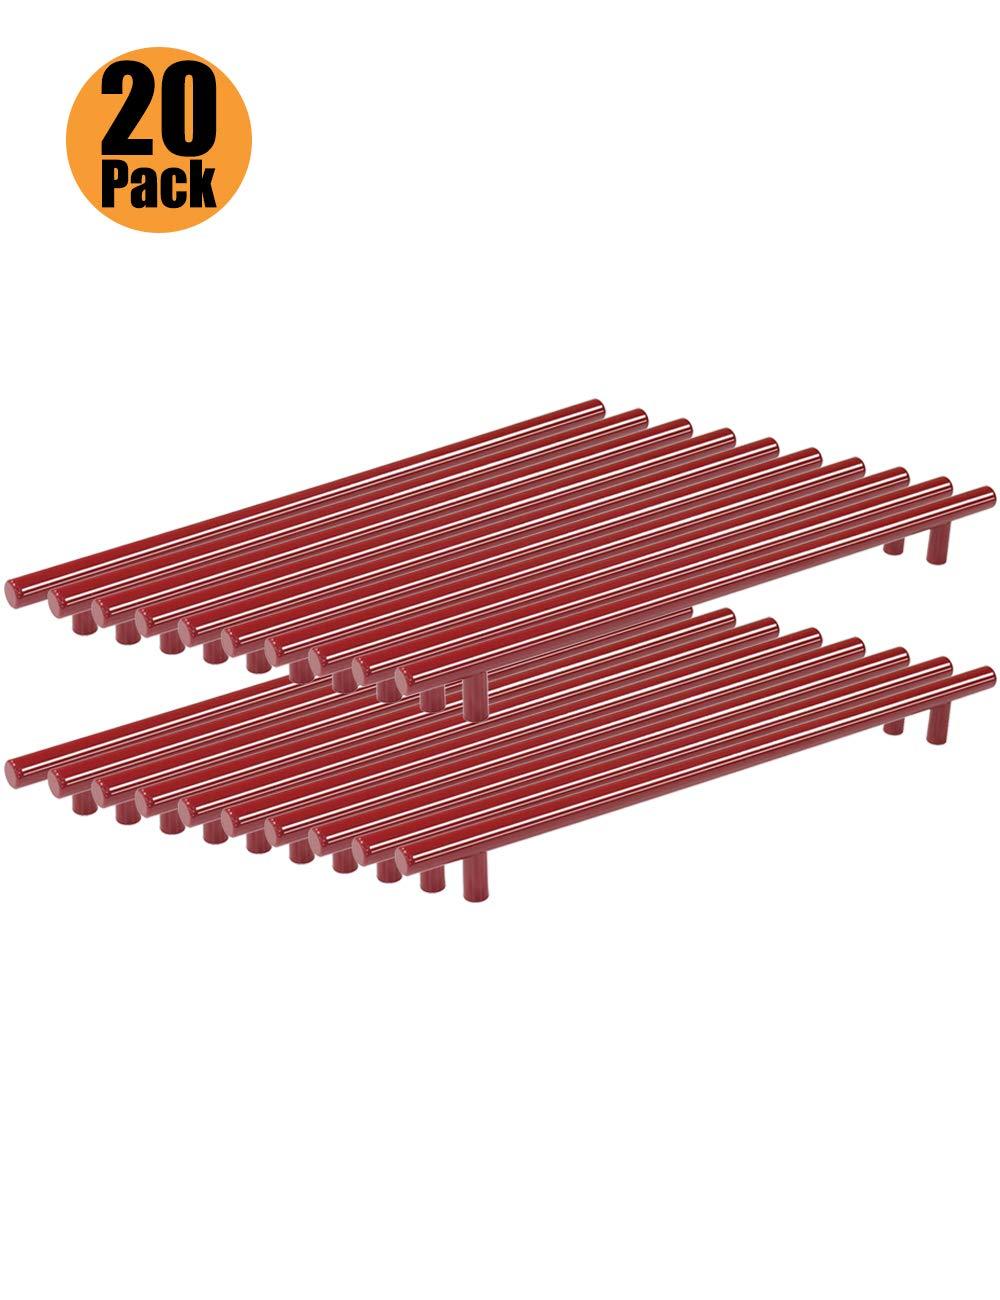 serie T agujero /único rojo color rojo Tiradores de acero inoxidable para puertas de armarios de cocina con tornillos de 6 x 25 mm PinLin